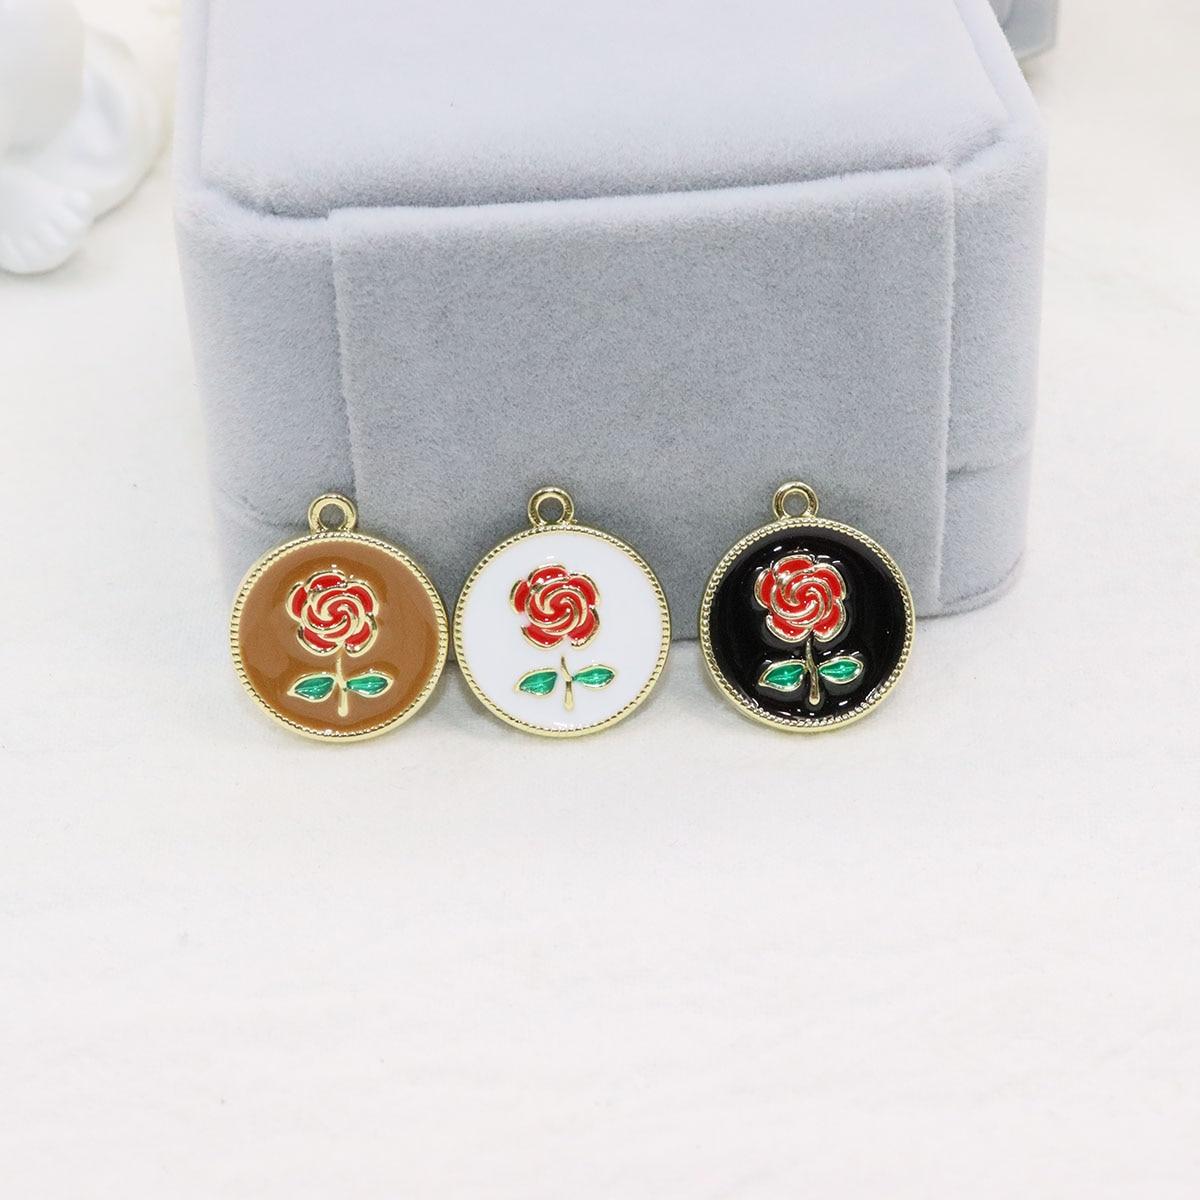 Eruifa 6 шт. 18 мм красивая эпоксидная роза цветок цинковый сплав ювелирные изделия DIY Подвески ожерелье, серьги браслет 2 цвета